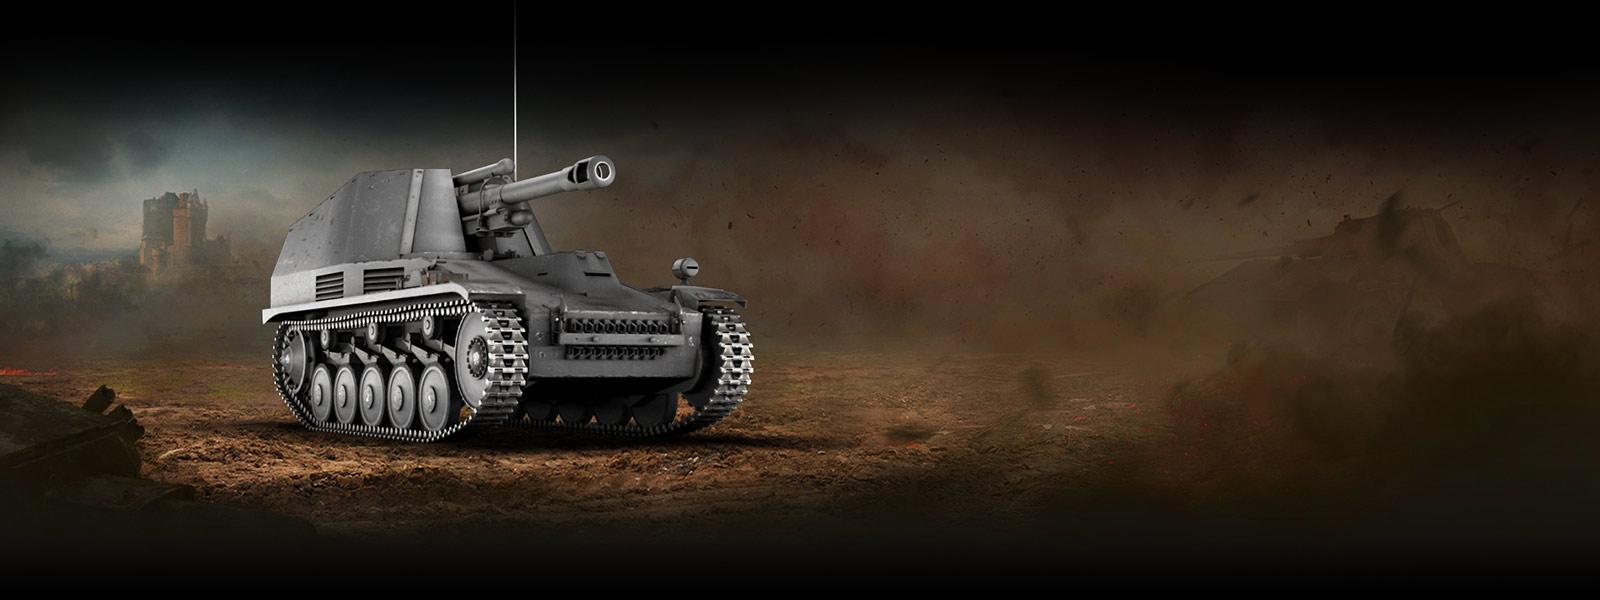 Artillary Tank